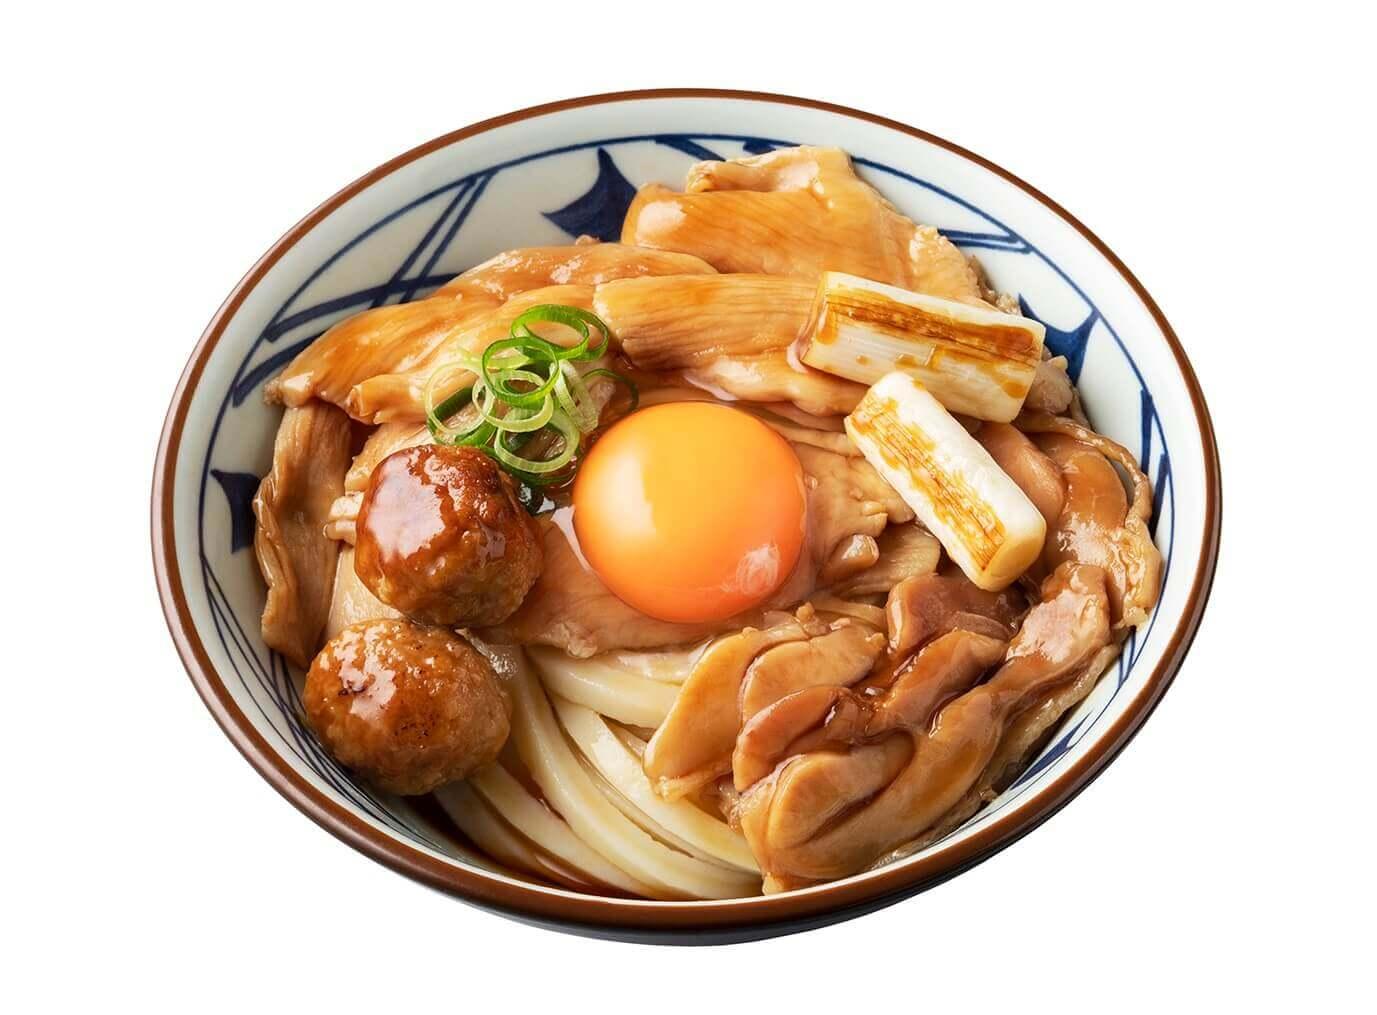 丸亀製麺の『月見鶏すき焼きぶっかけ』